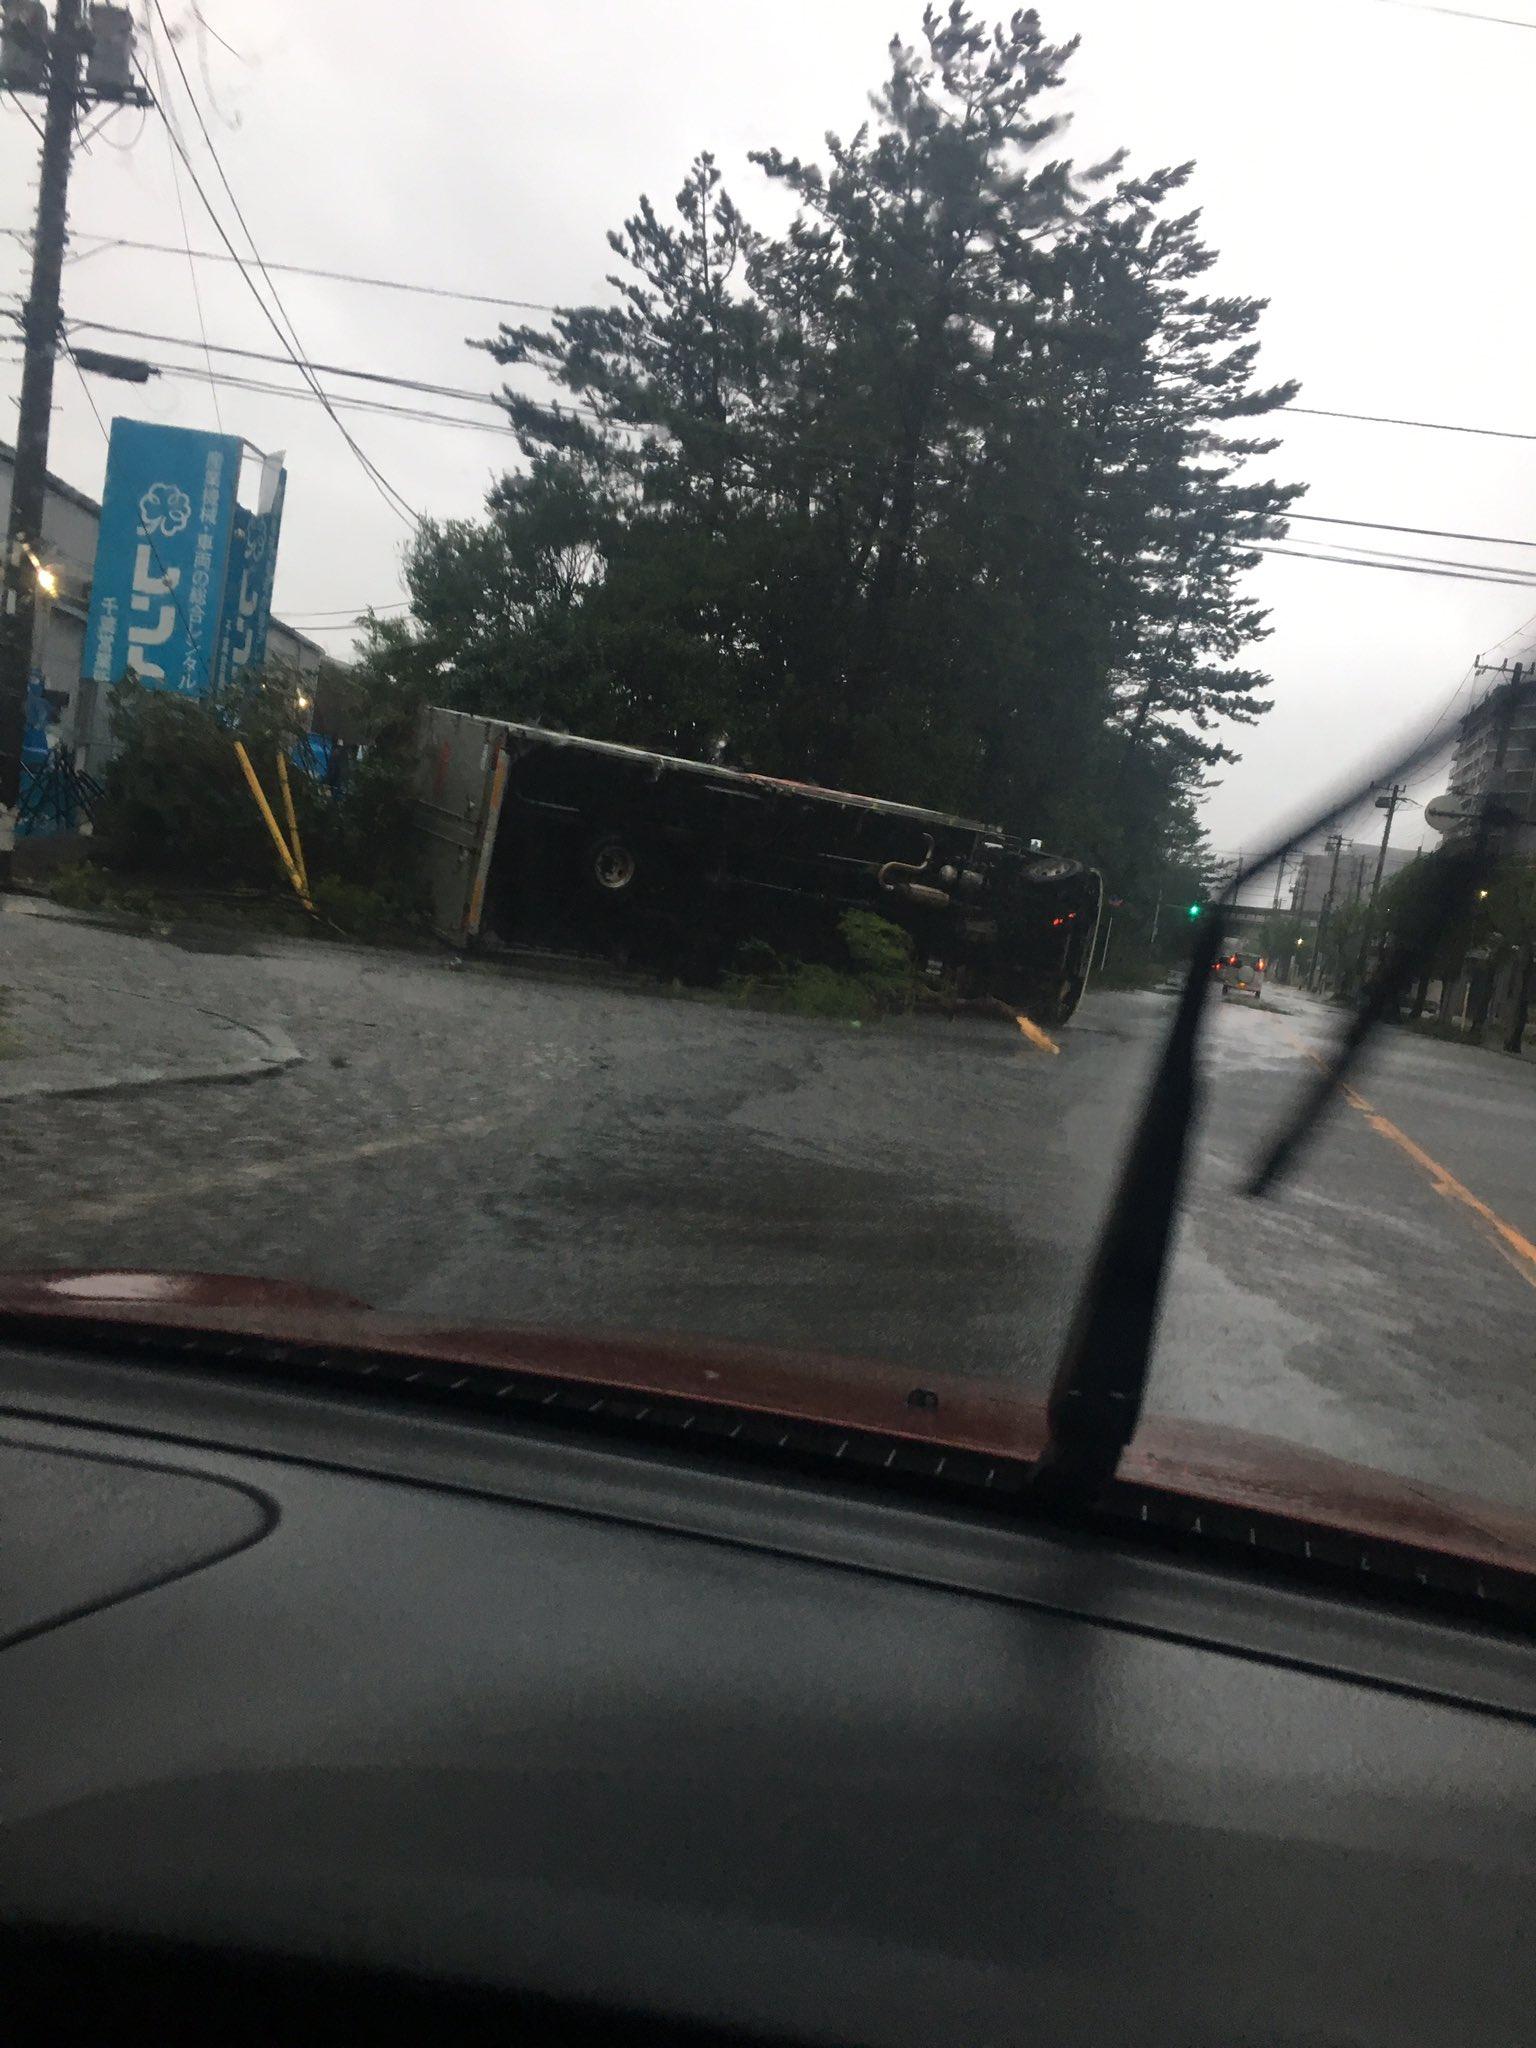 画像,千葉市 台風でトラック横転。 https://t.co/2K4wR4P1nr。